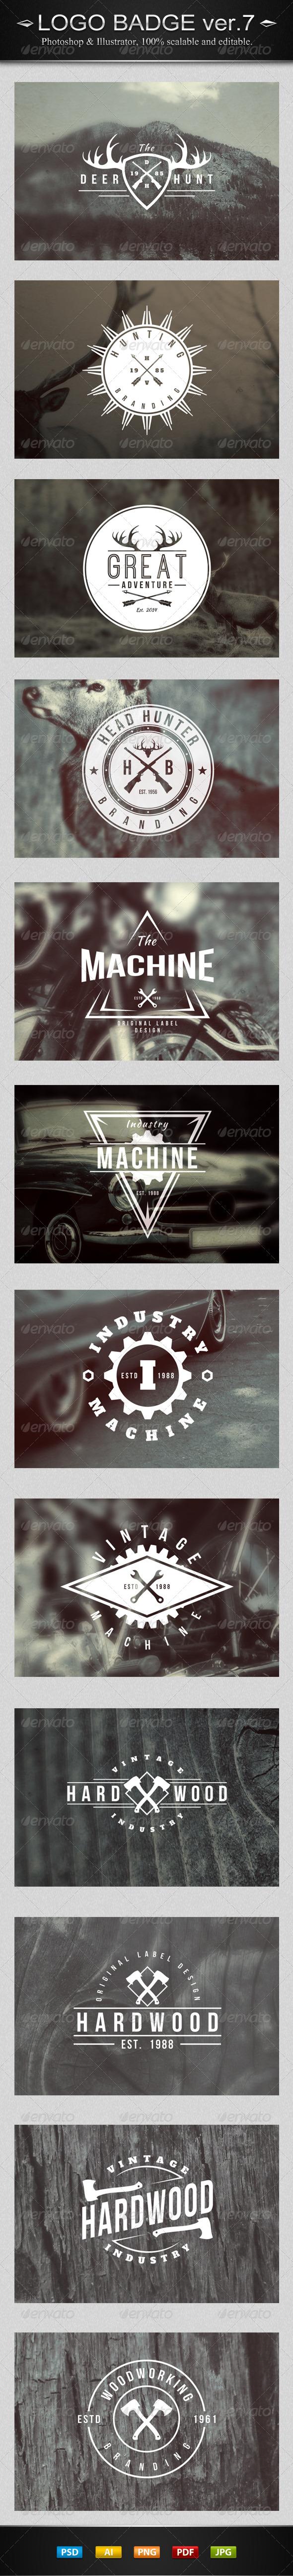 GraphicRiver 12 Vintage Logo Badges Ver.7 7880588